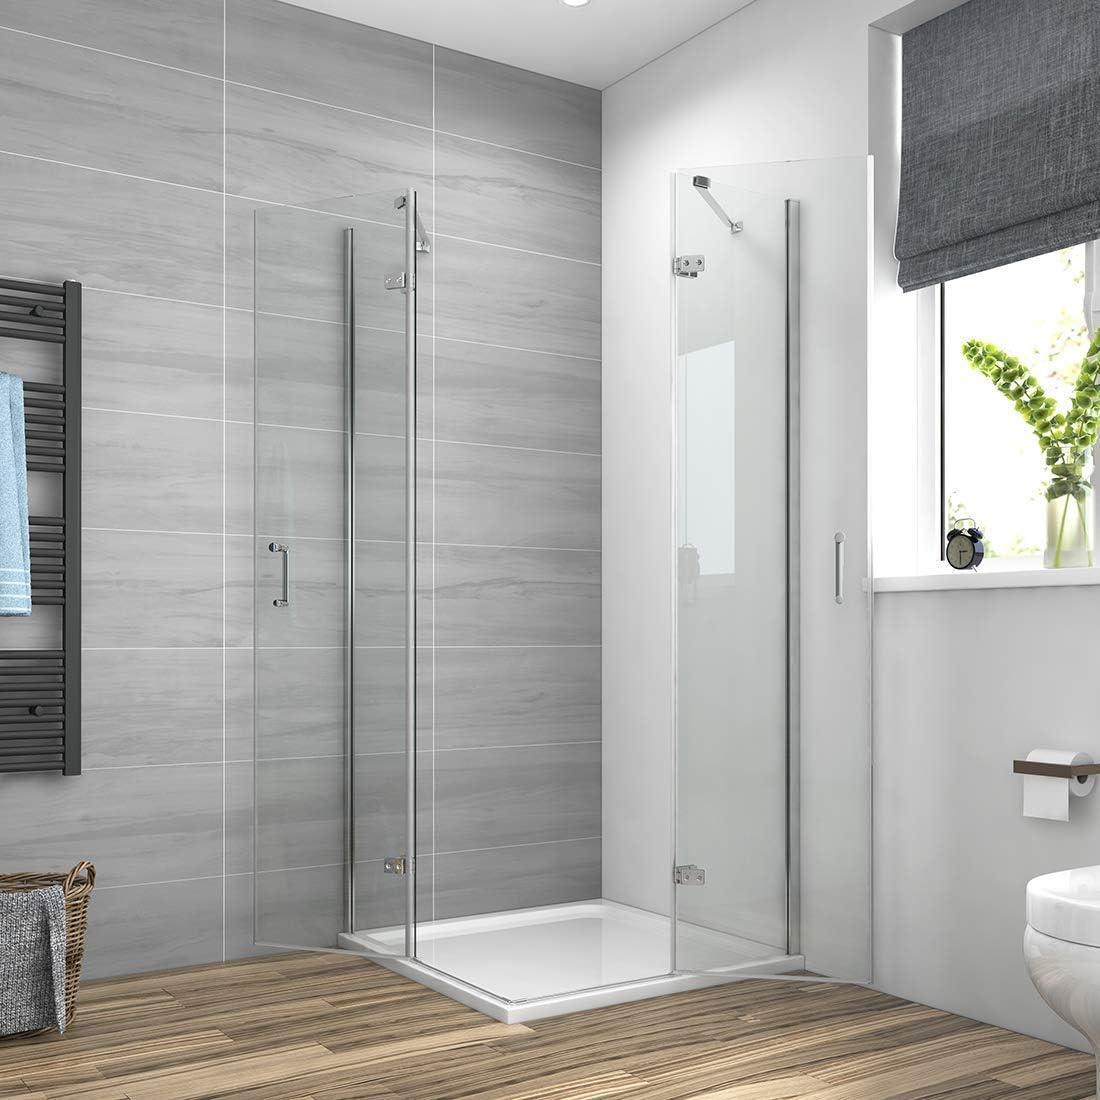 Cabina de ducha esquinera, mampara de ducha, mampara de ducha, puerta de esquina, puerta oscilante, cabinas de ducha Meykoe de 6 mm, vidrio de seguridad ESG, altura 185 cm, todos los tamaños: